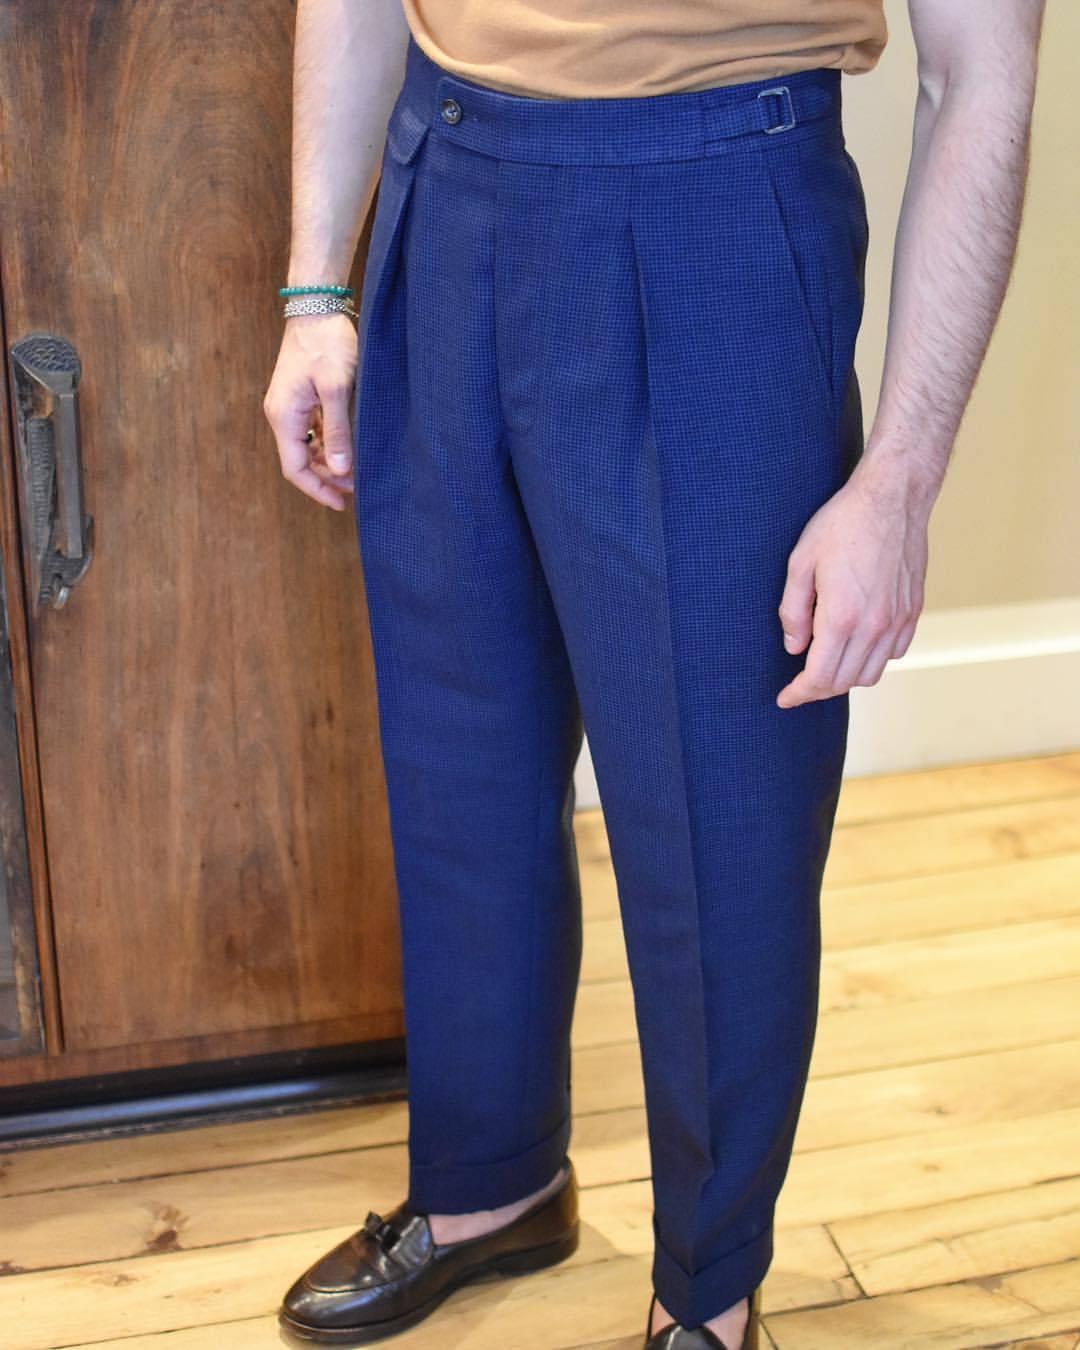 Un pantalon très bien proportionné signé Ardentes Clipei. La hauteur est parfaite pour un port avec pattes de serrage.